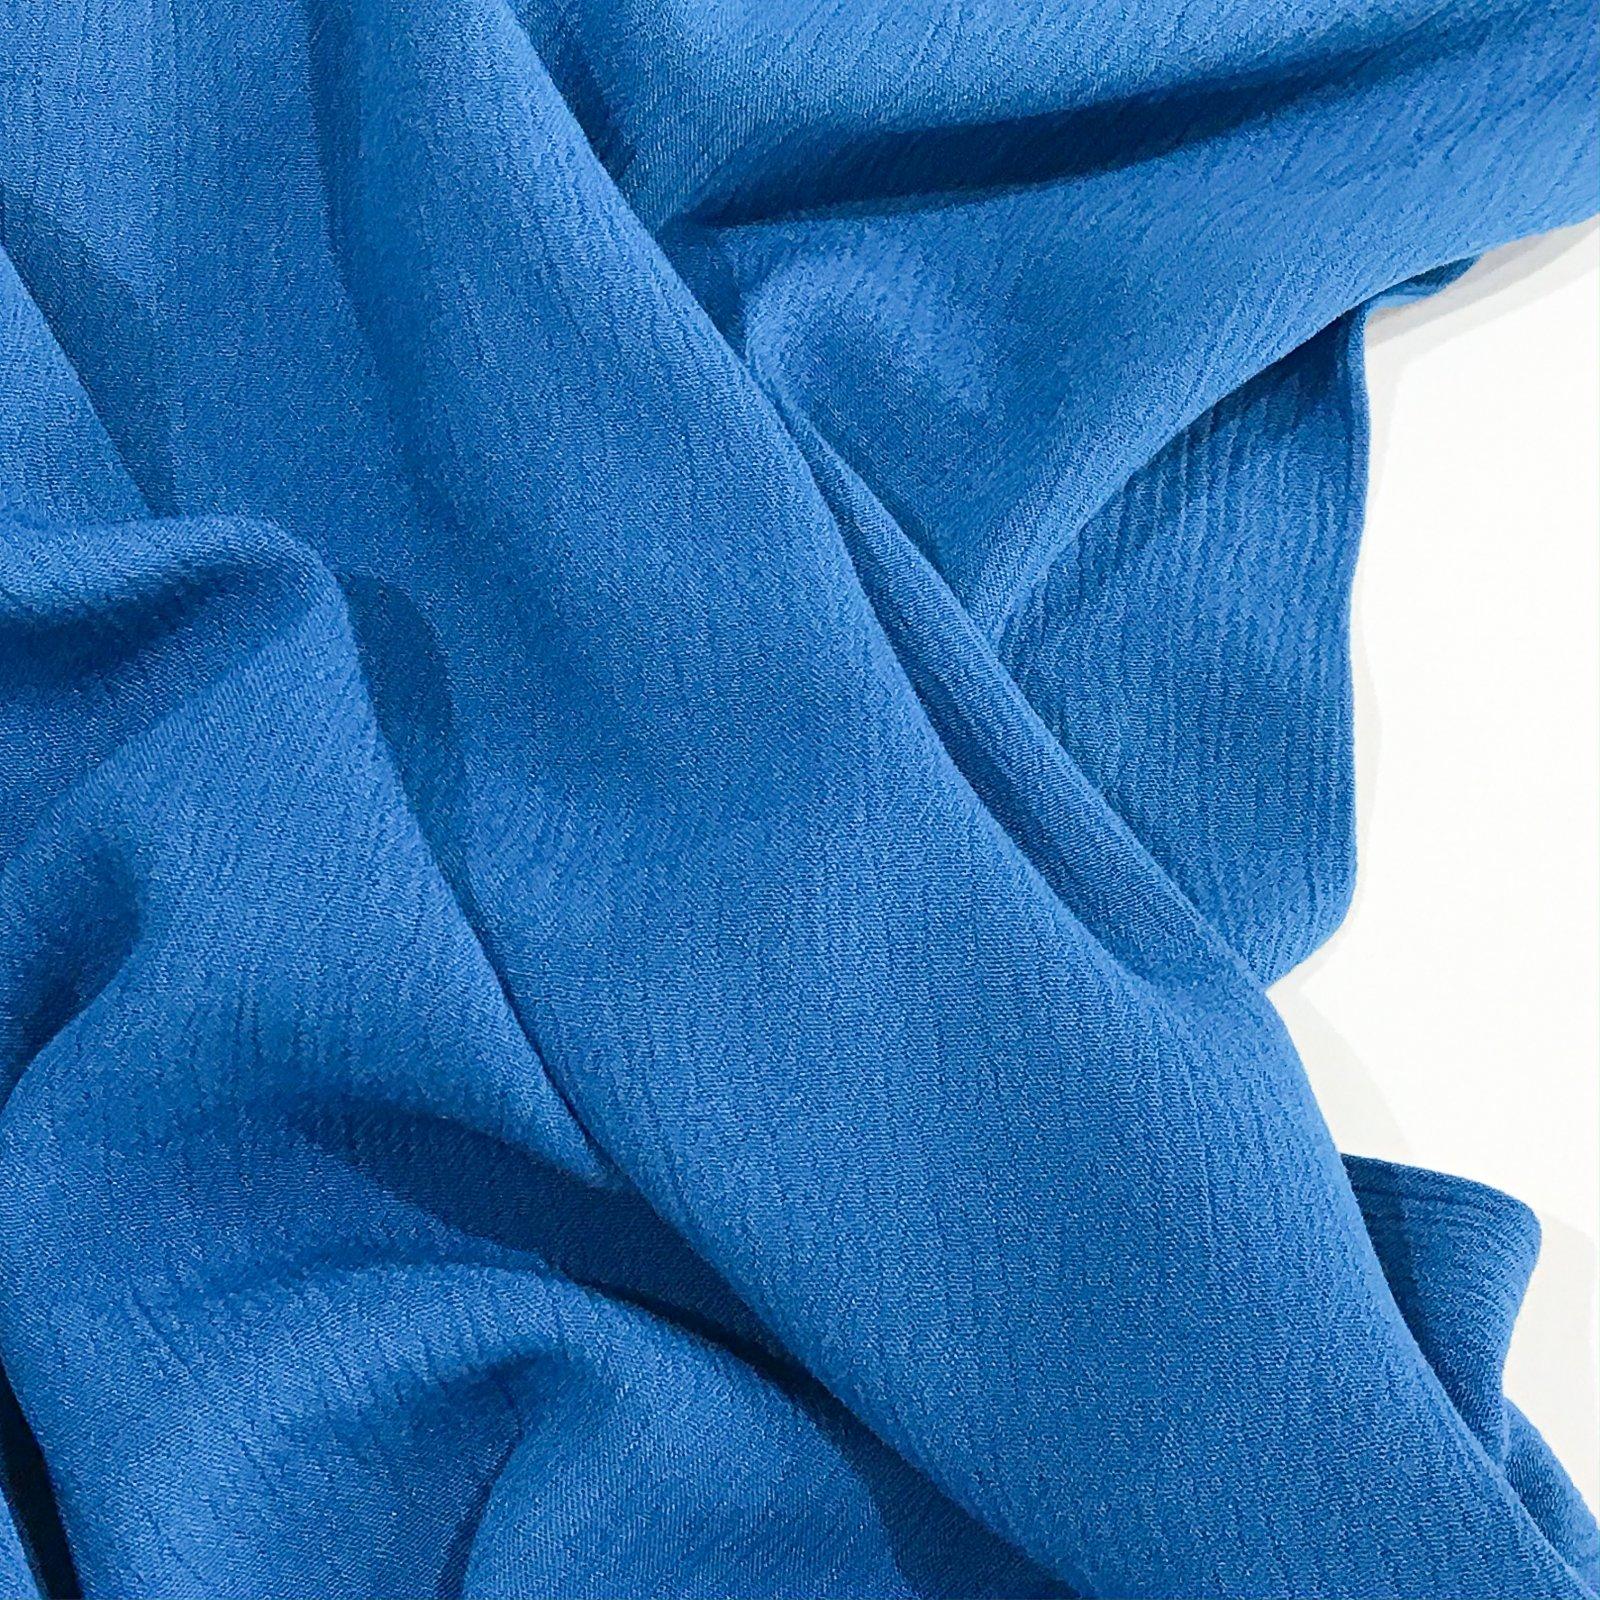 Bali Rayon - Crinkle Turquoise